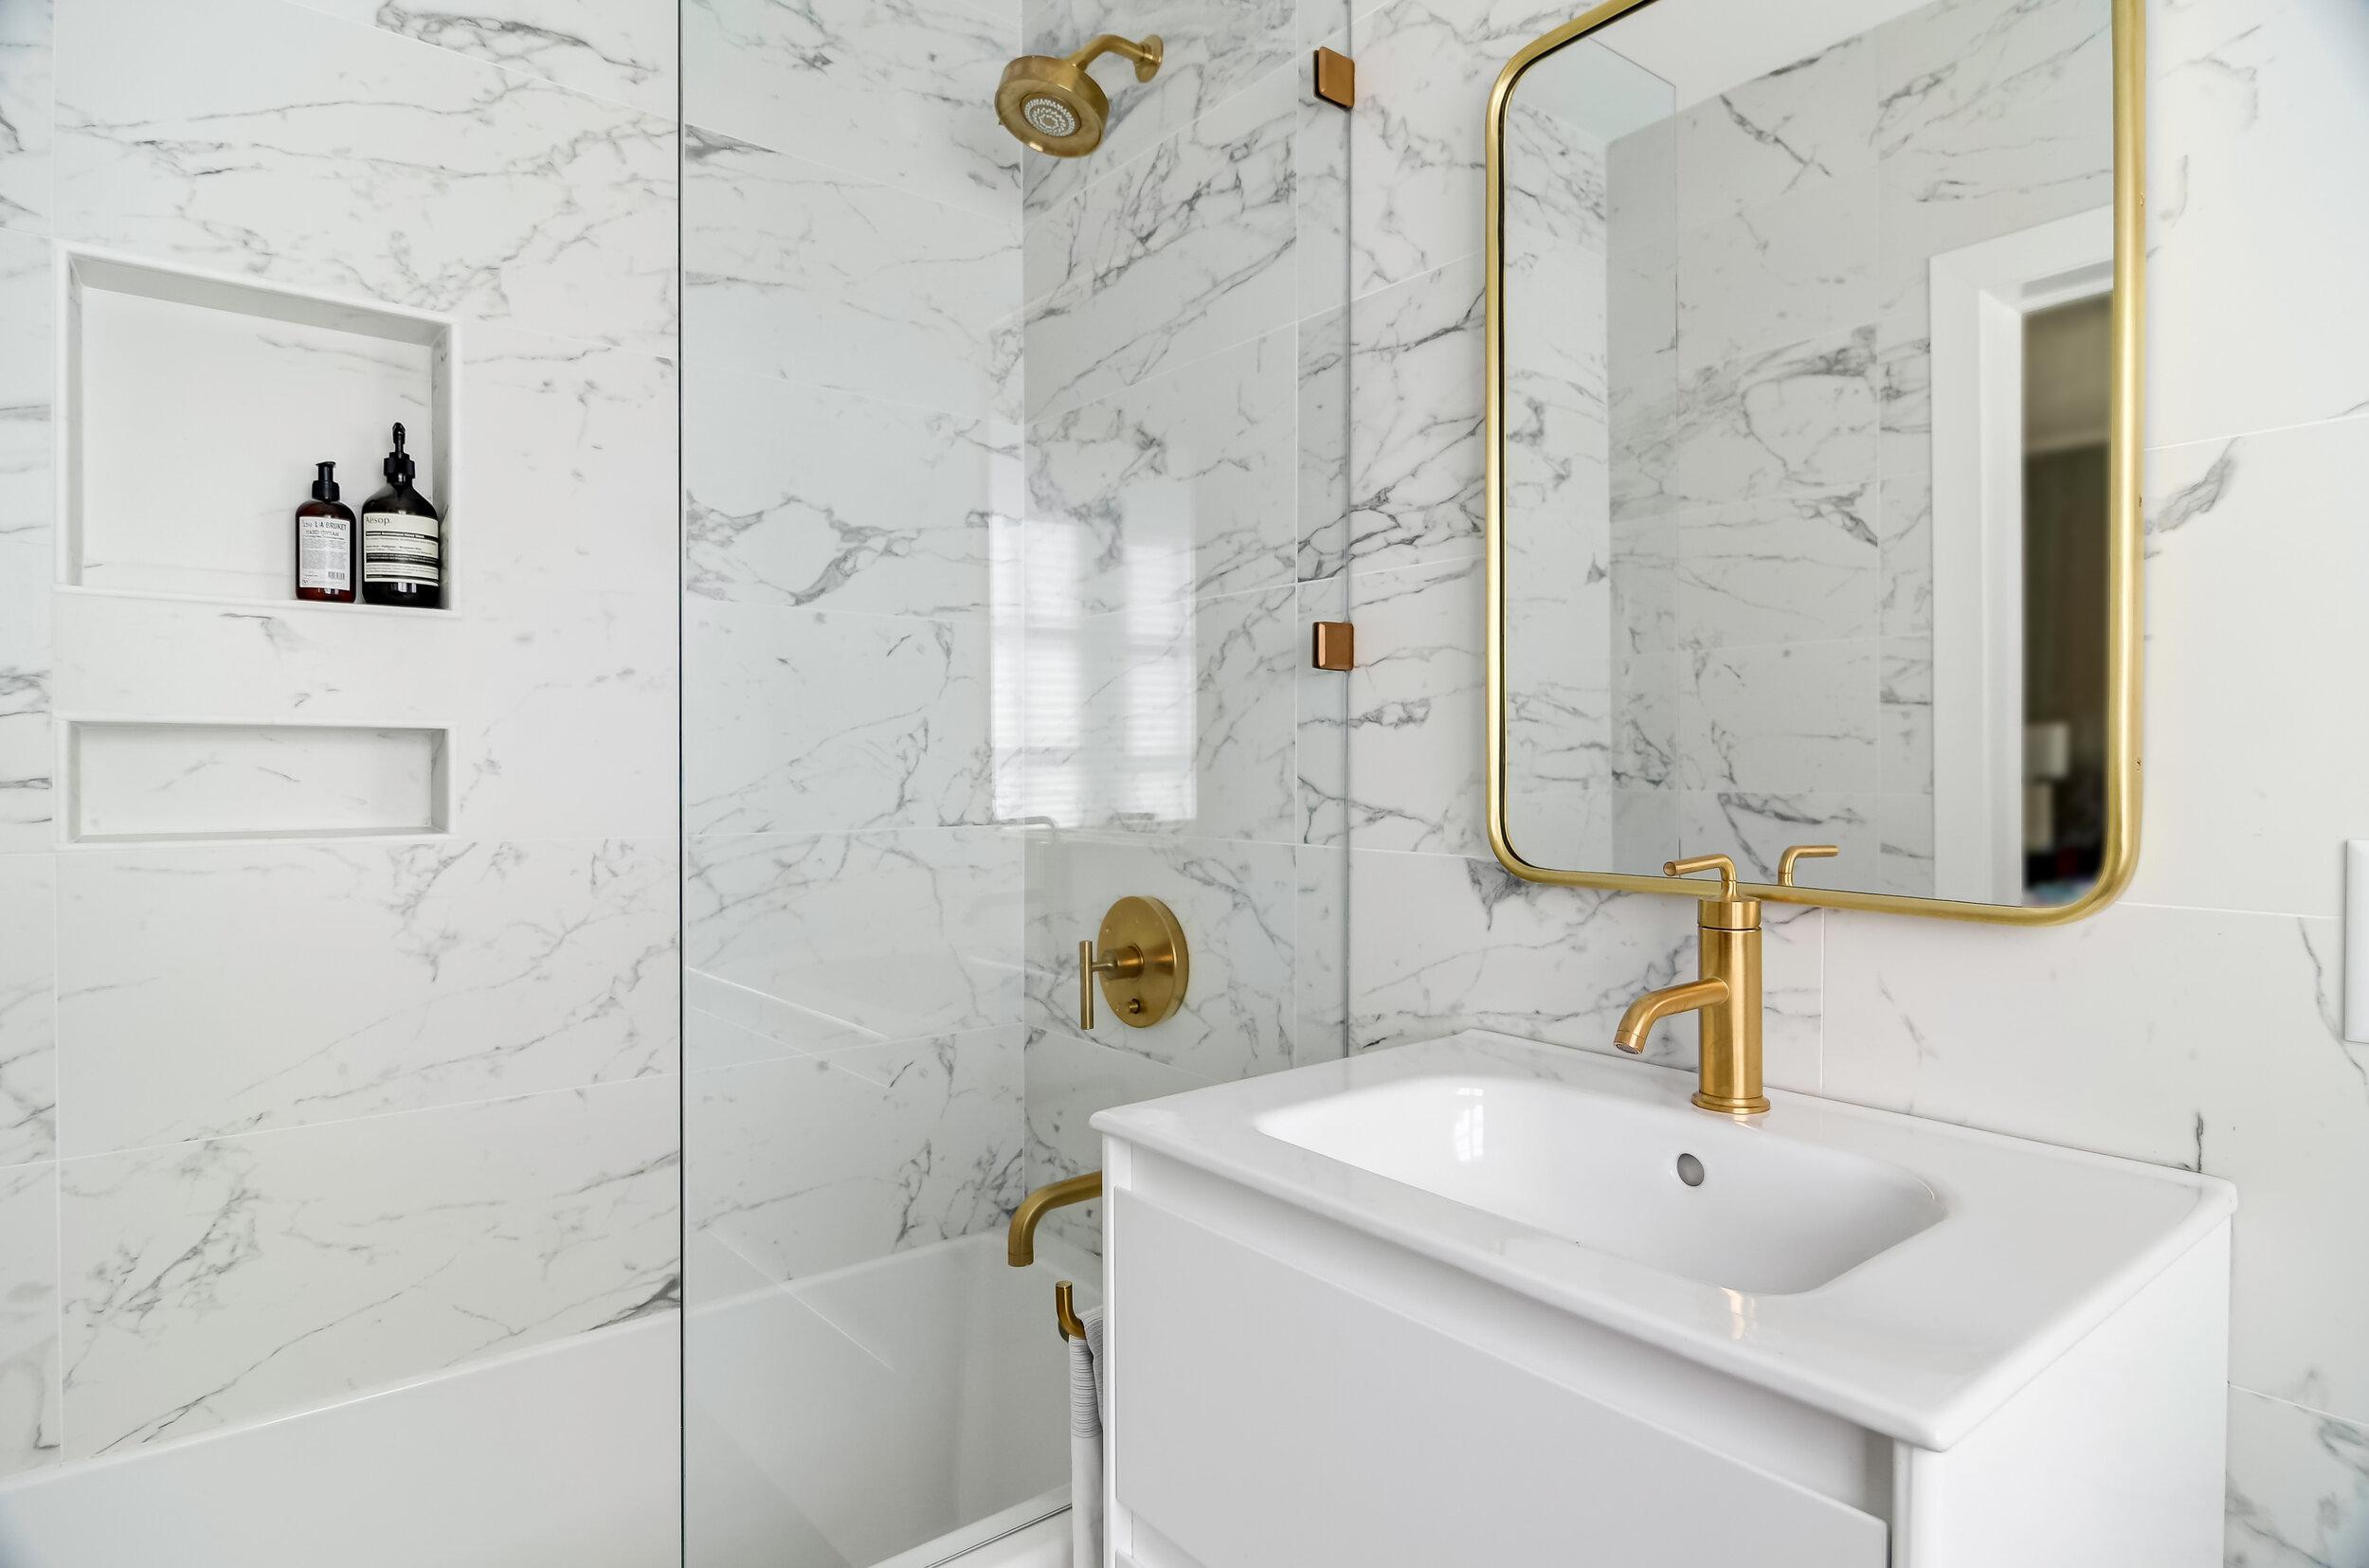 1729 Humboldt Bathroom-10.jpg